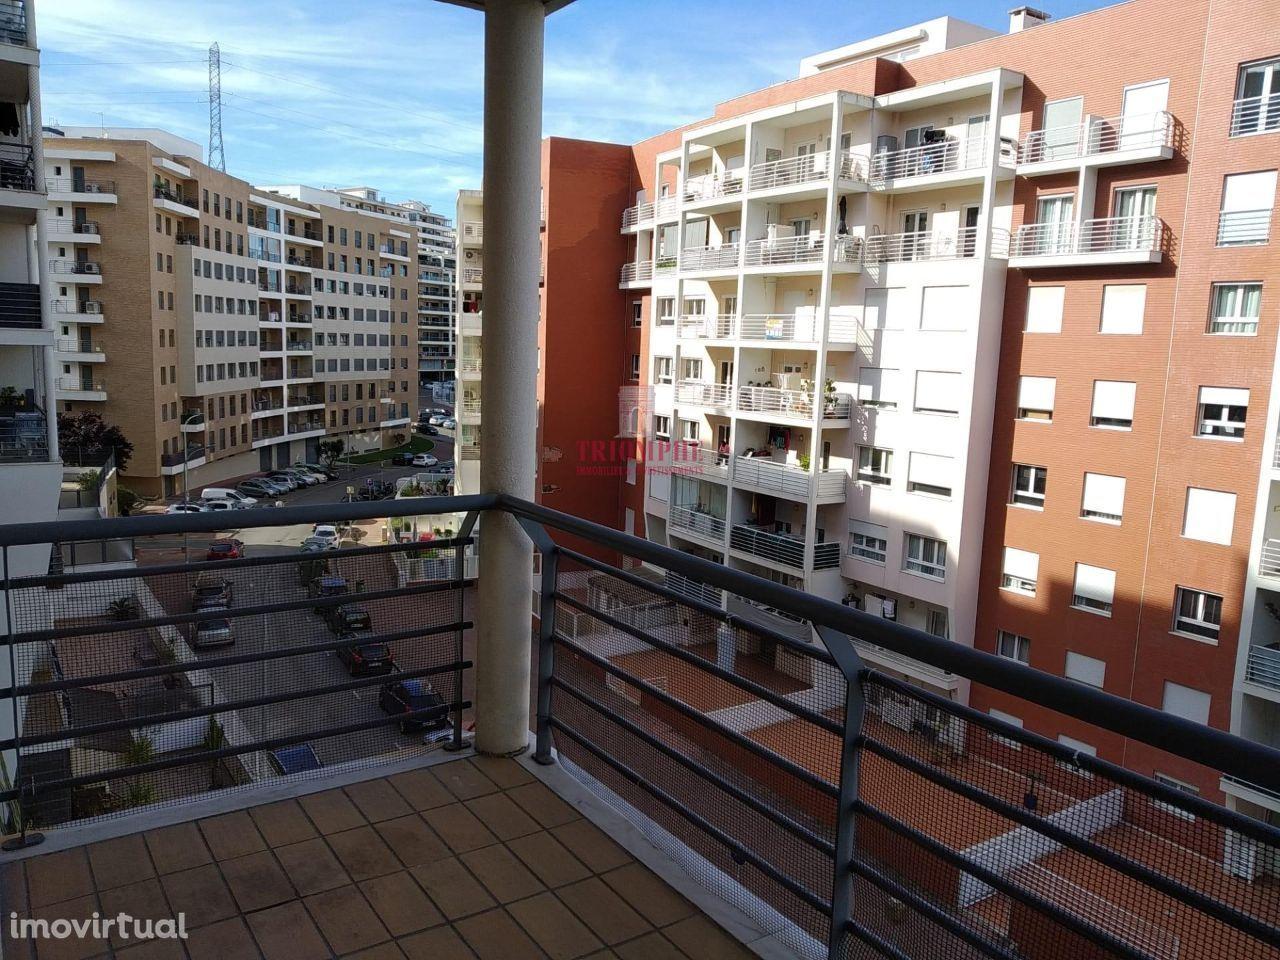 Apartamento T3 Colinas do Cruzeiro, Odivelas